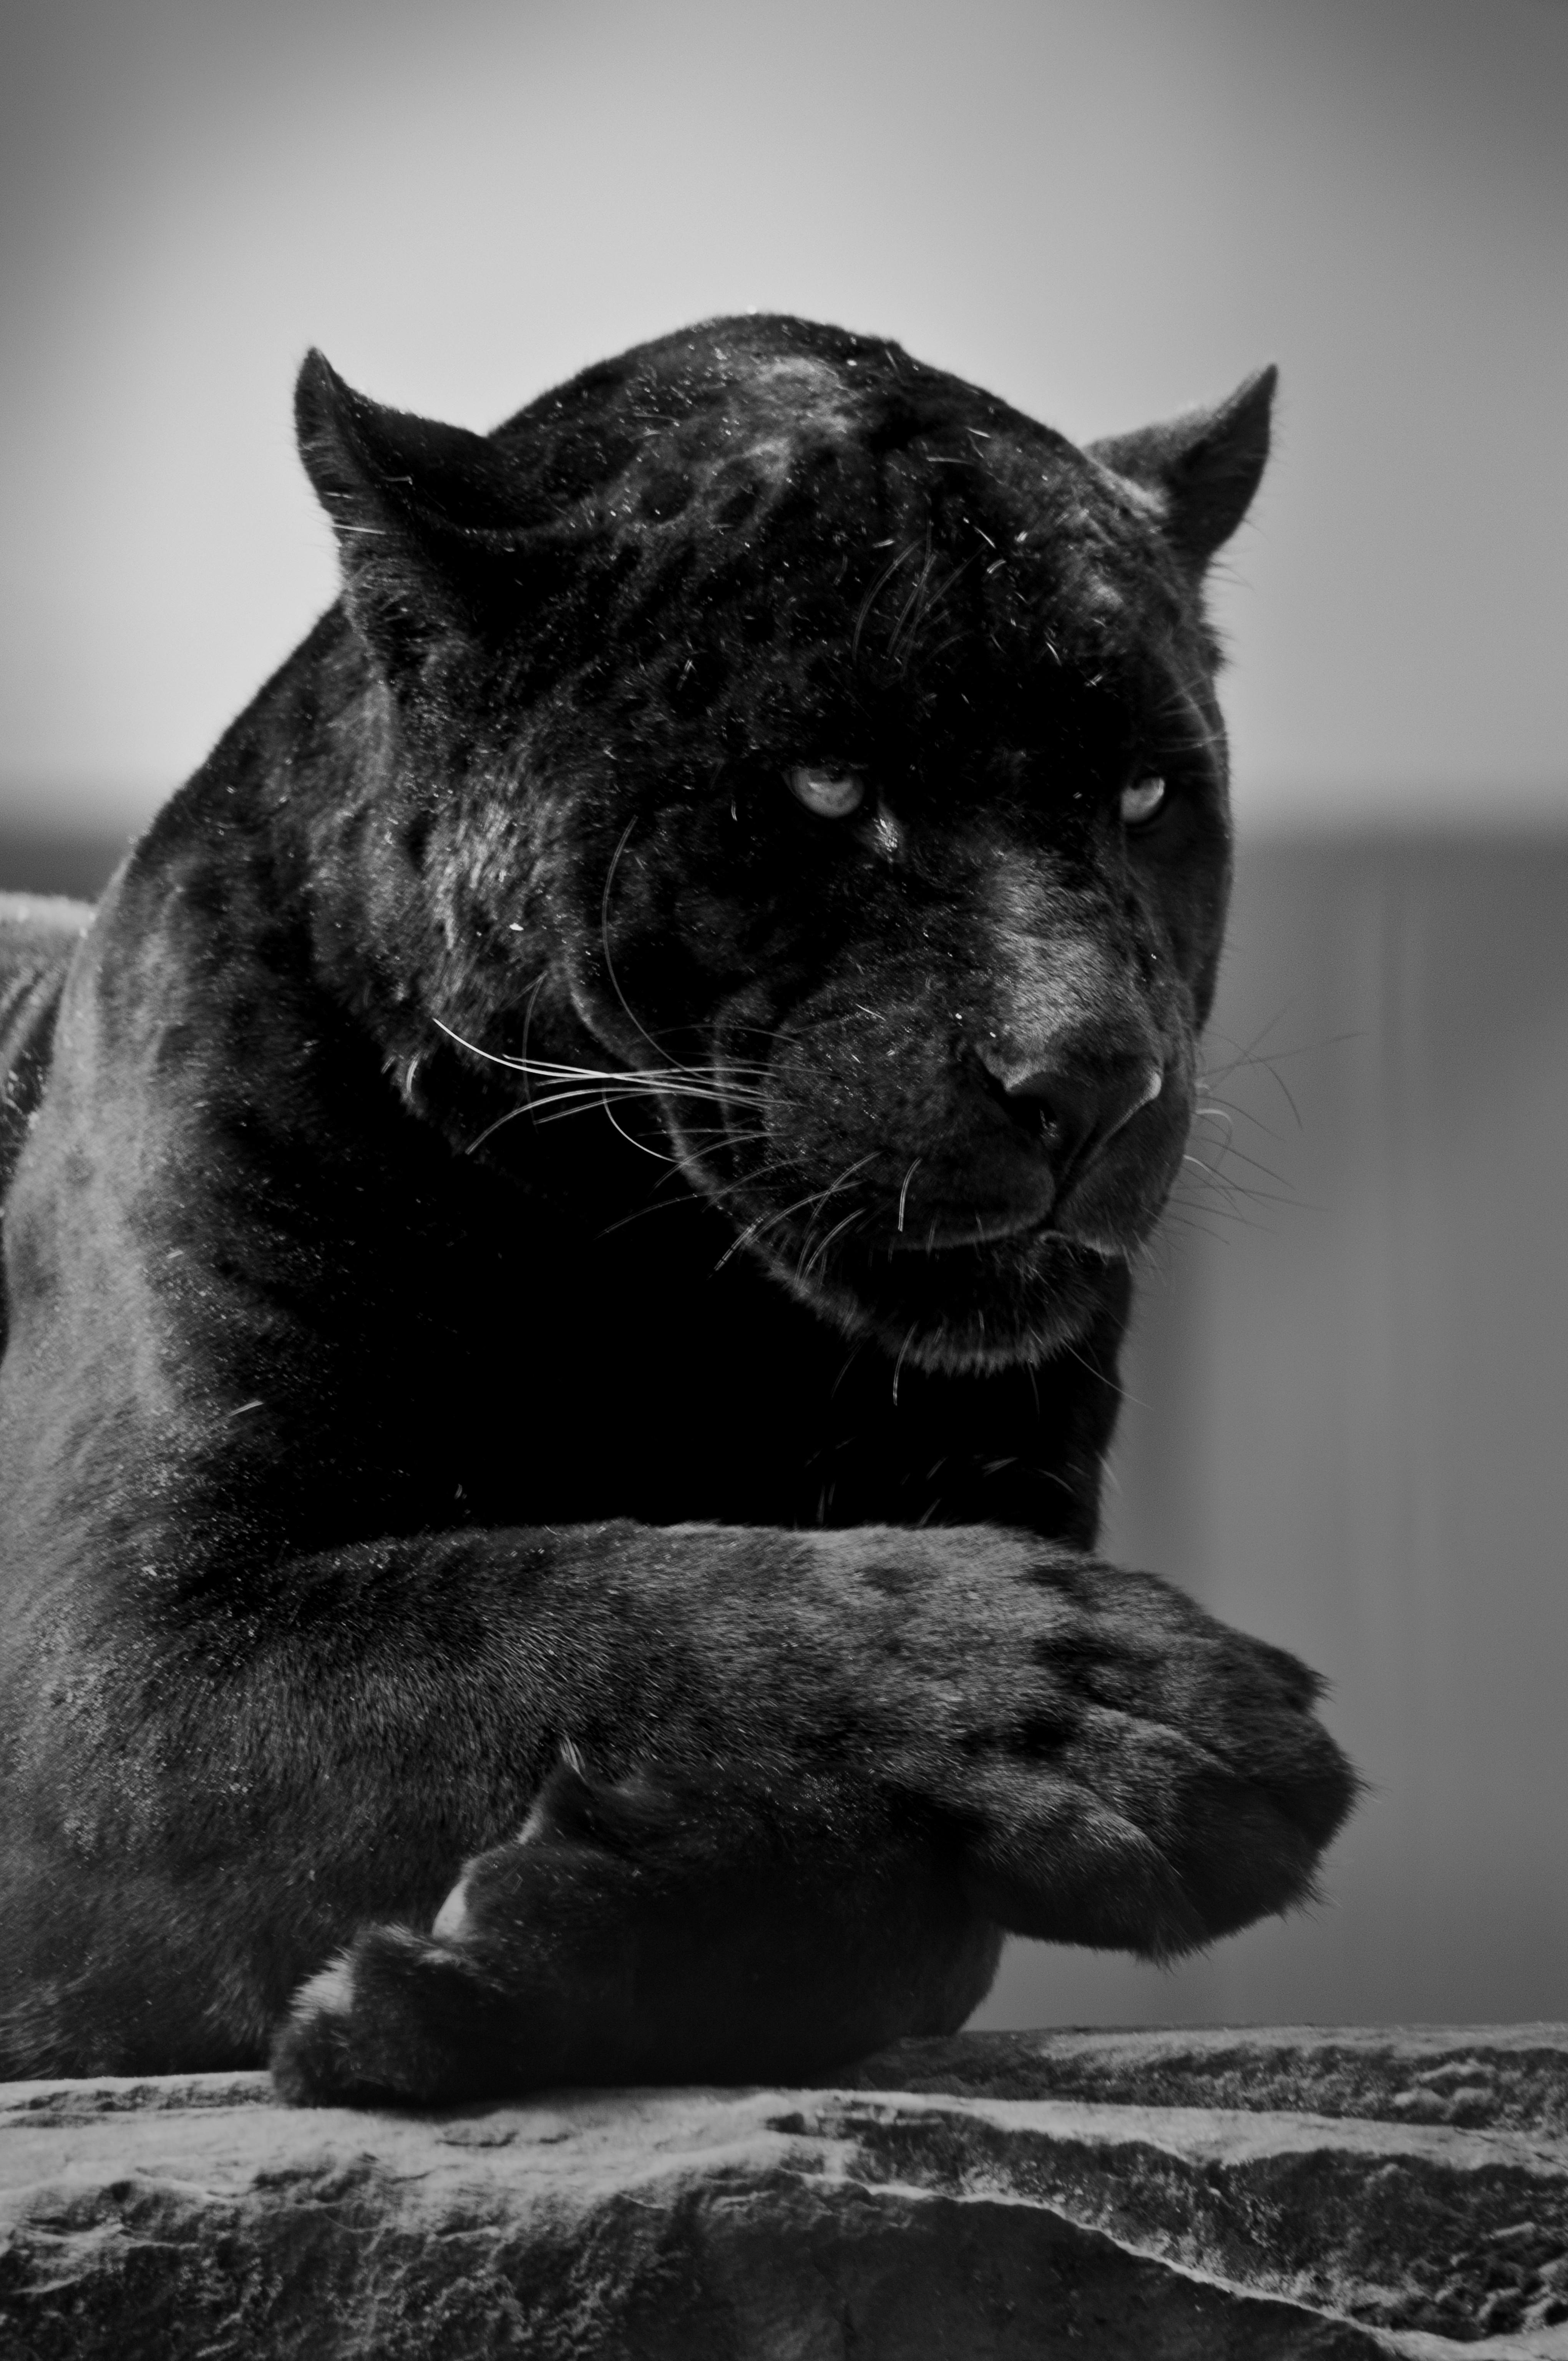 Black Wallpaper Jaguar Animal